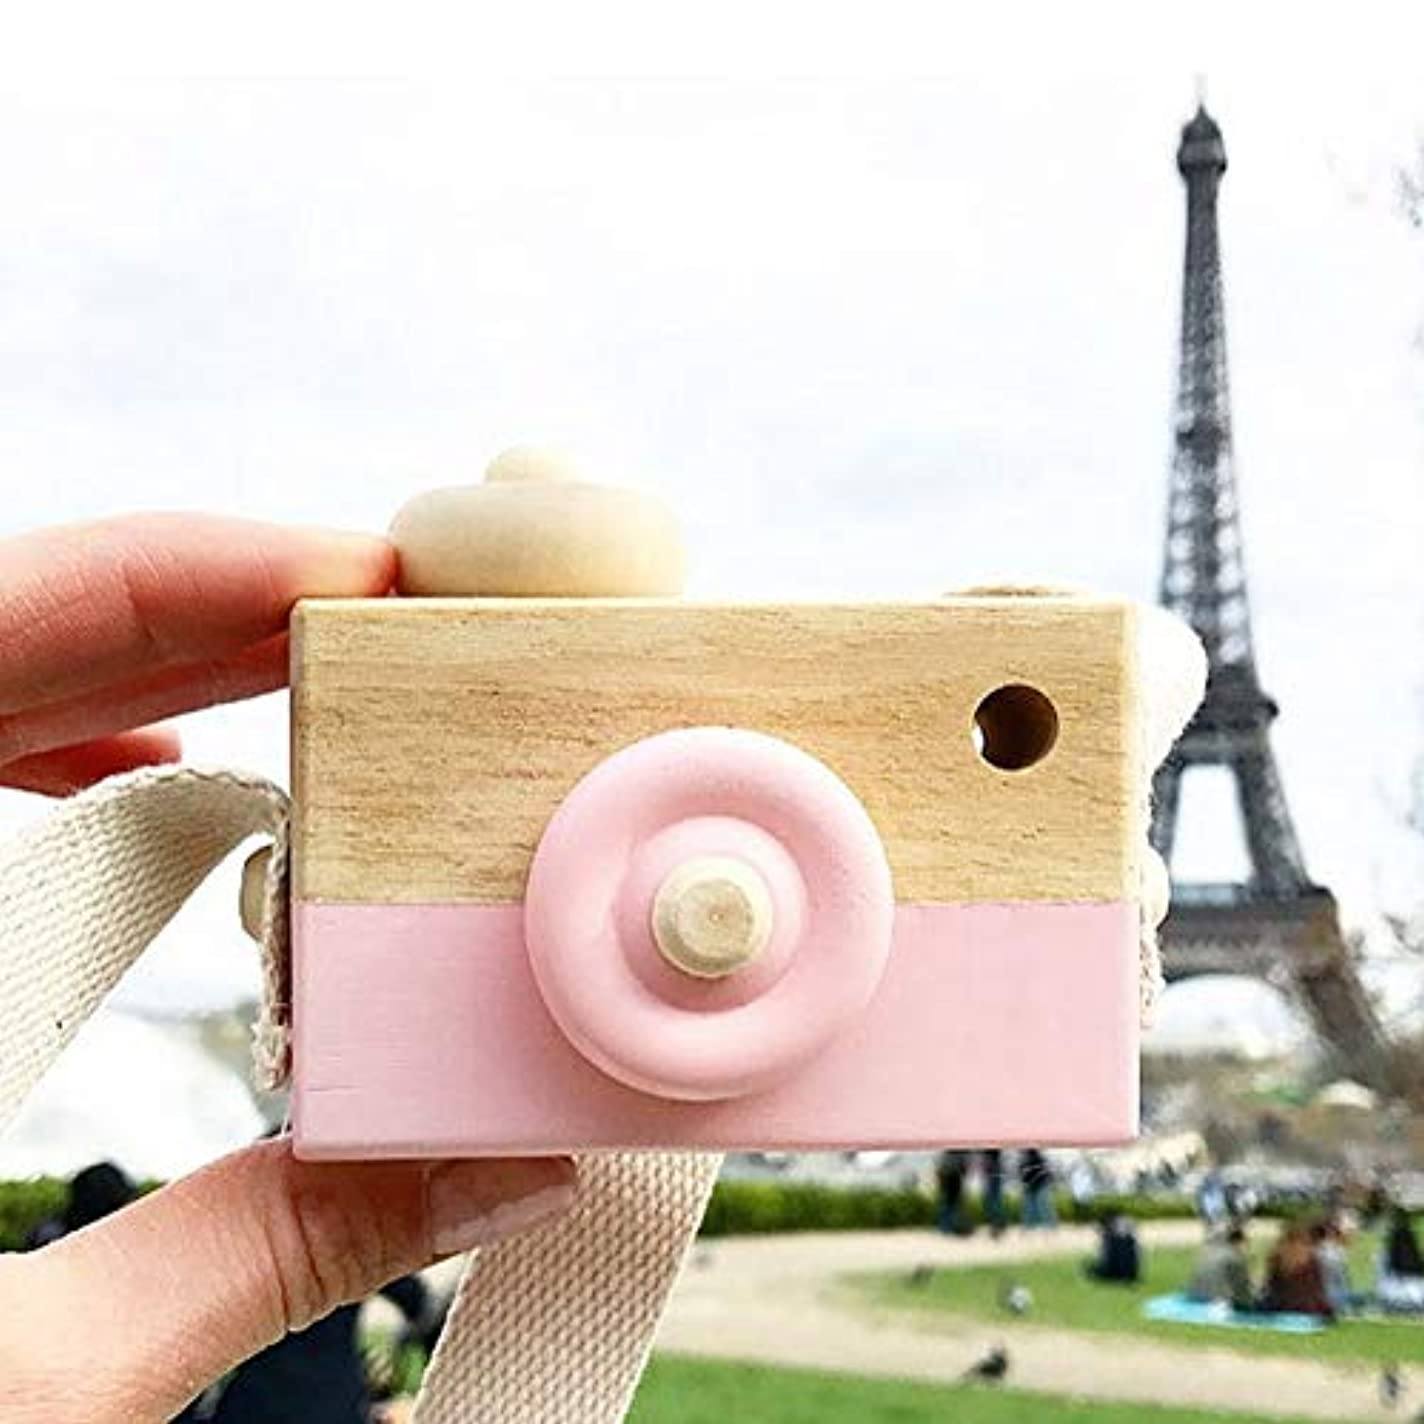 計算するアスペクト変動するミニかわいい木製カメラのおもちゃ安全なナチュラル玩具ベビーキッズファッション服アクセサリー玩具誕生日クリスマスホリデーギフト (ピンク)